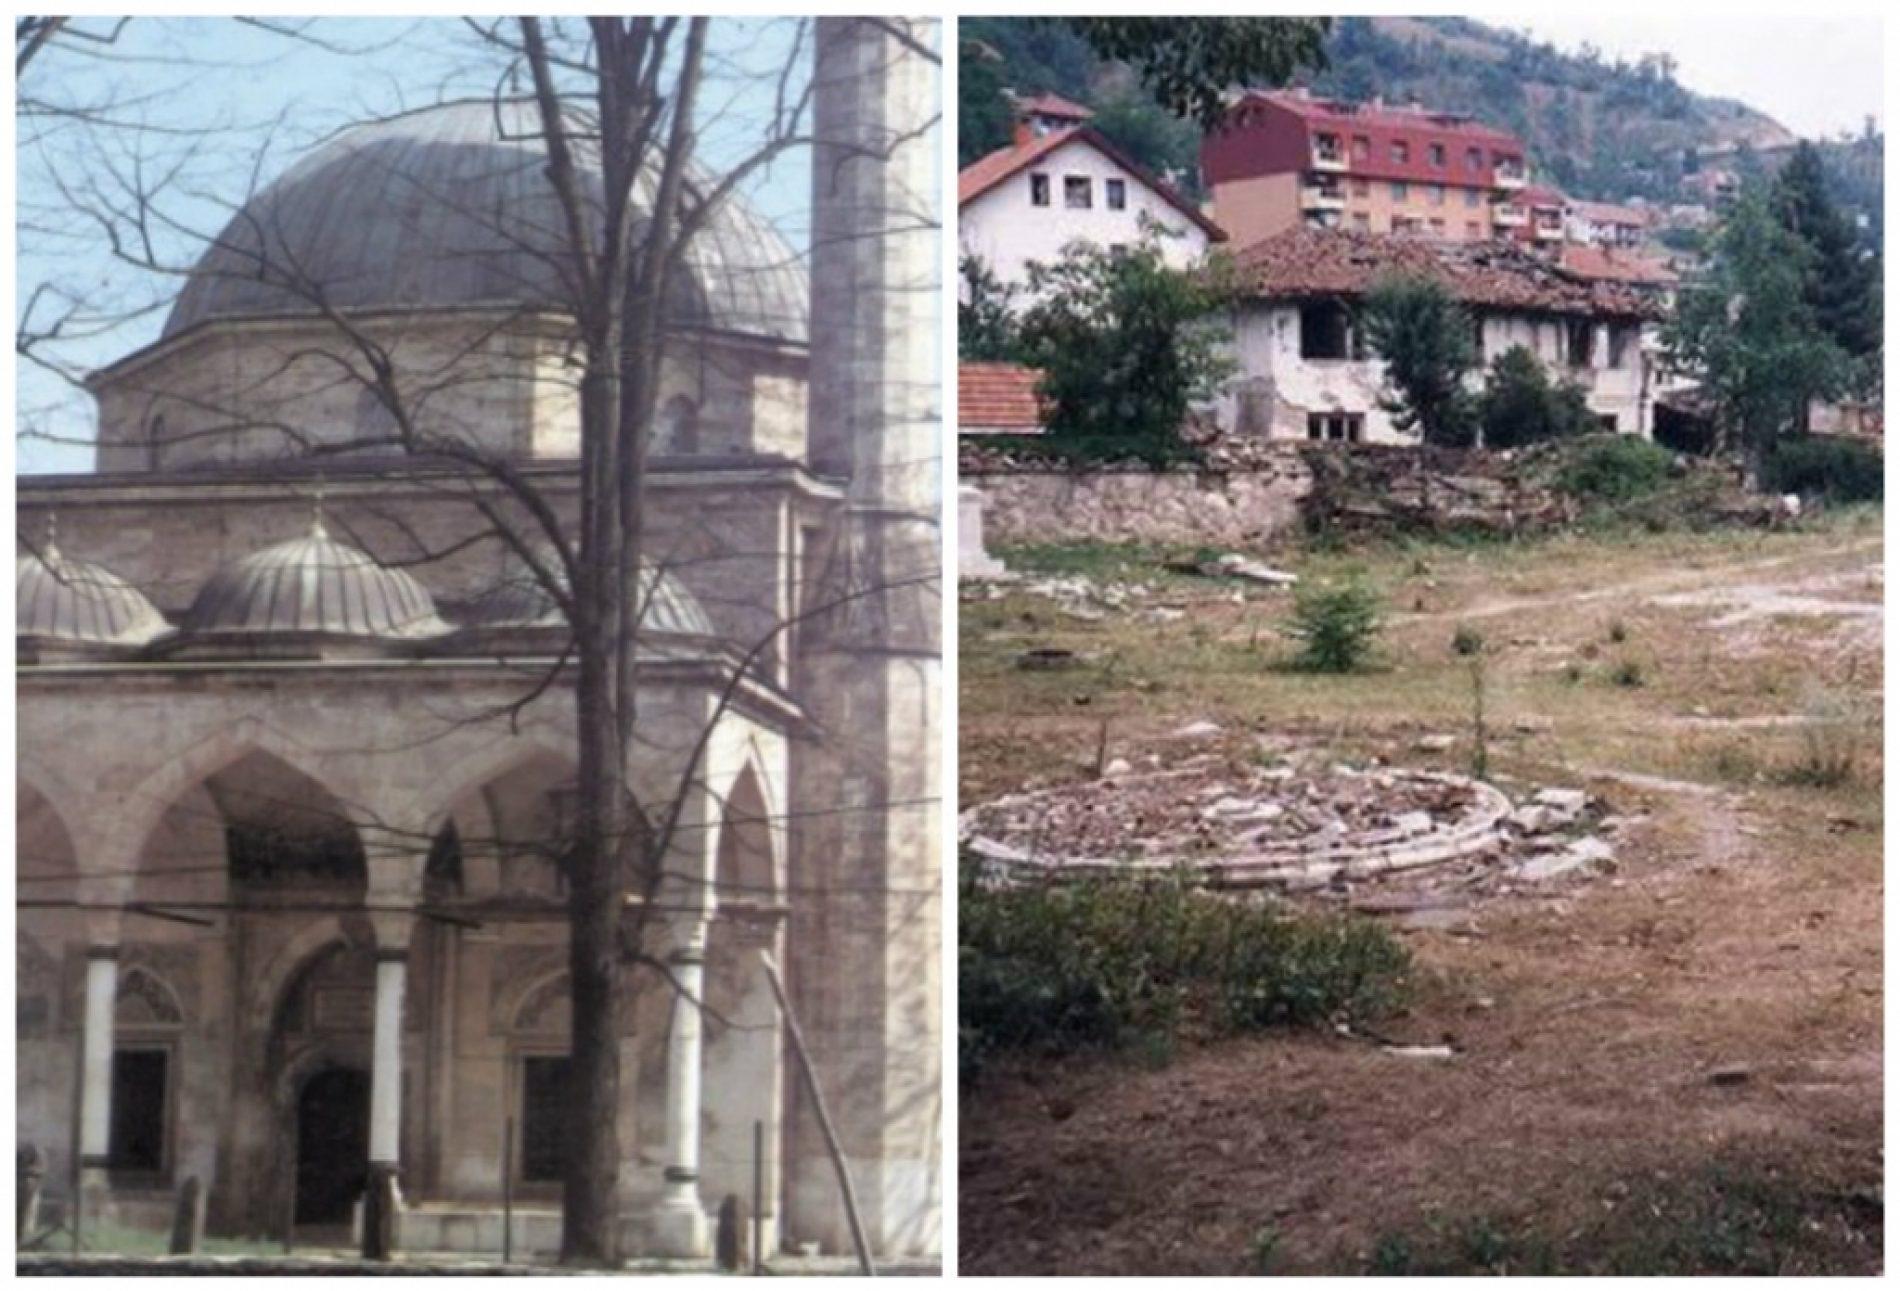 Priča o Aladža džamiji iz 1993. godine (Video)